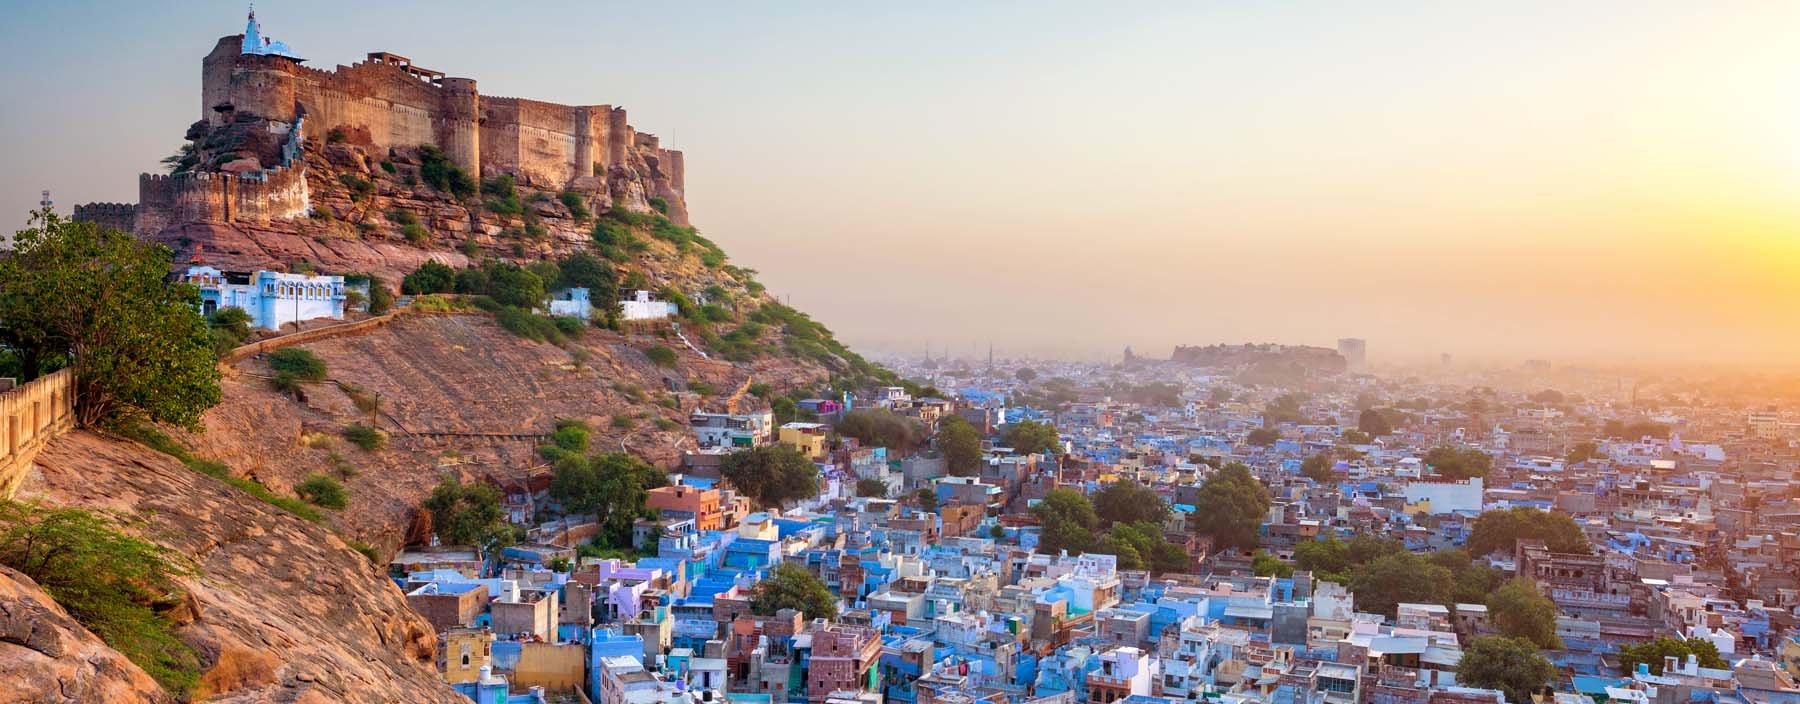 in, jodhpur, blauwe stad en mehrangarh fort.jpg